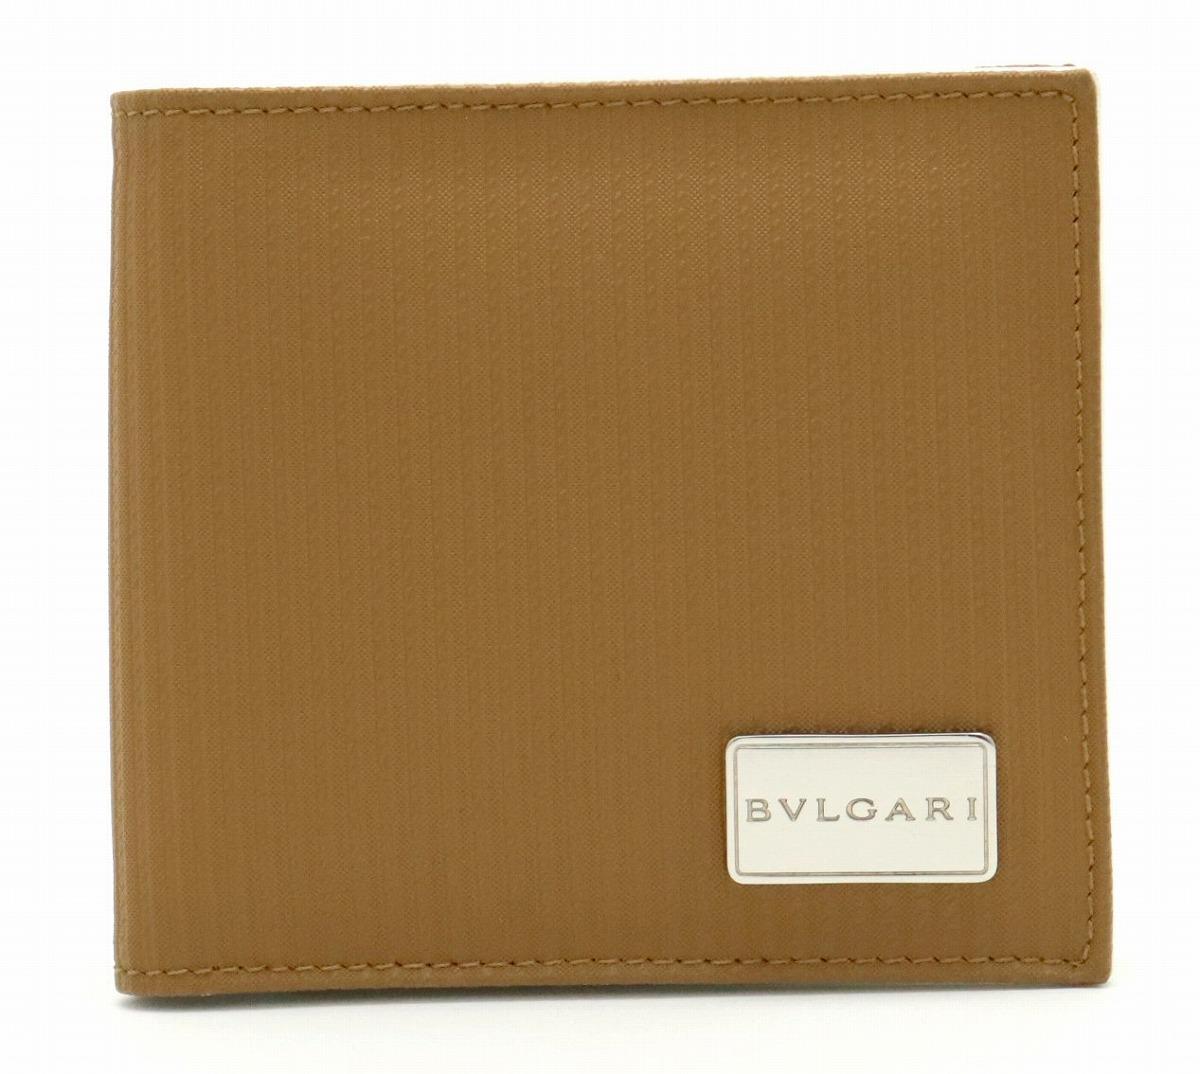 【財布】BVLGARI ブルガリ ミレリゲ 2つ折財布 PVC レザー ブラウン 茶 シルバー金具 25541 【中古】【s】